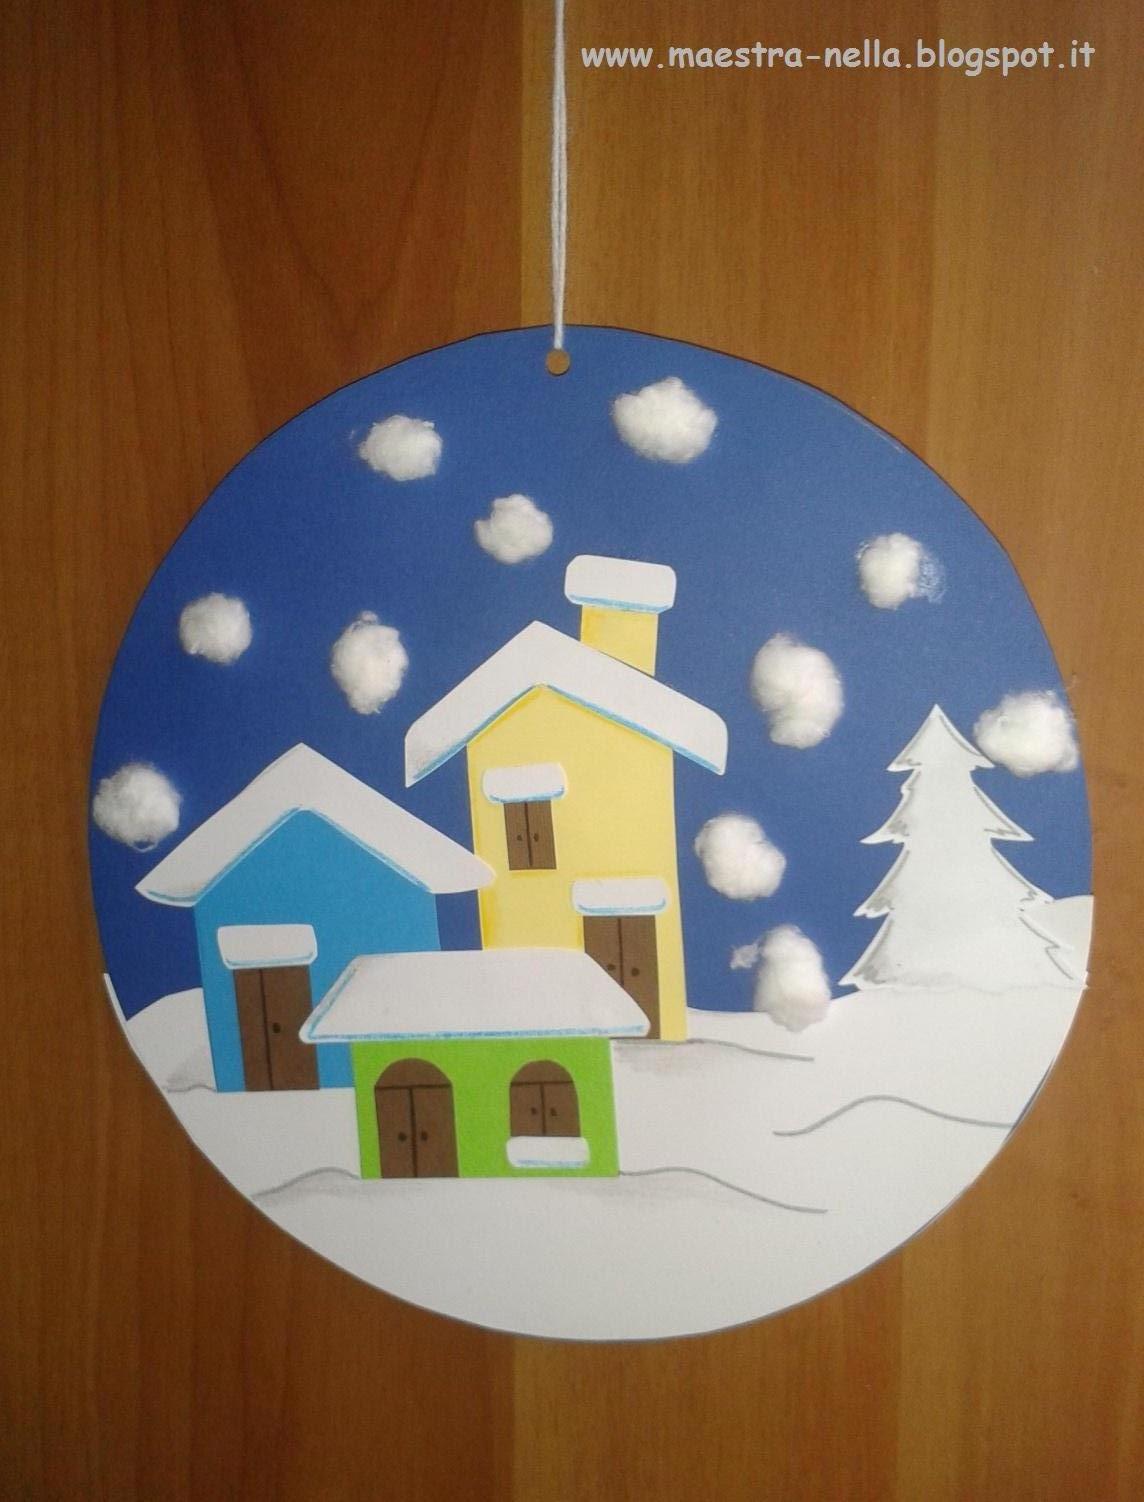 Maestra nella addobbi invernali for Addobbi di natale per bambini scuola infanzia